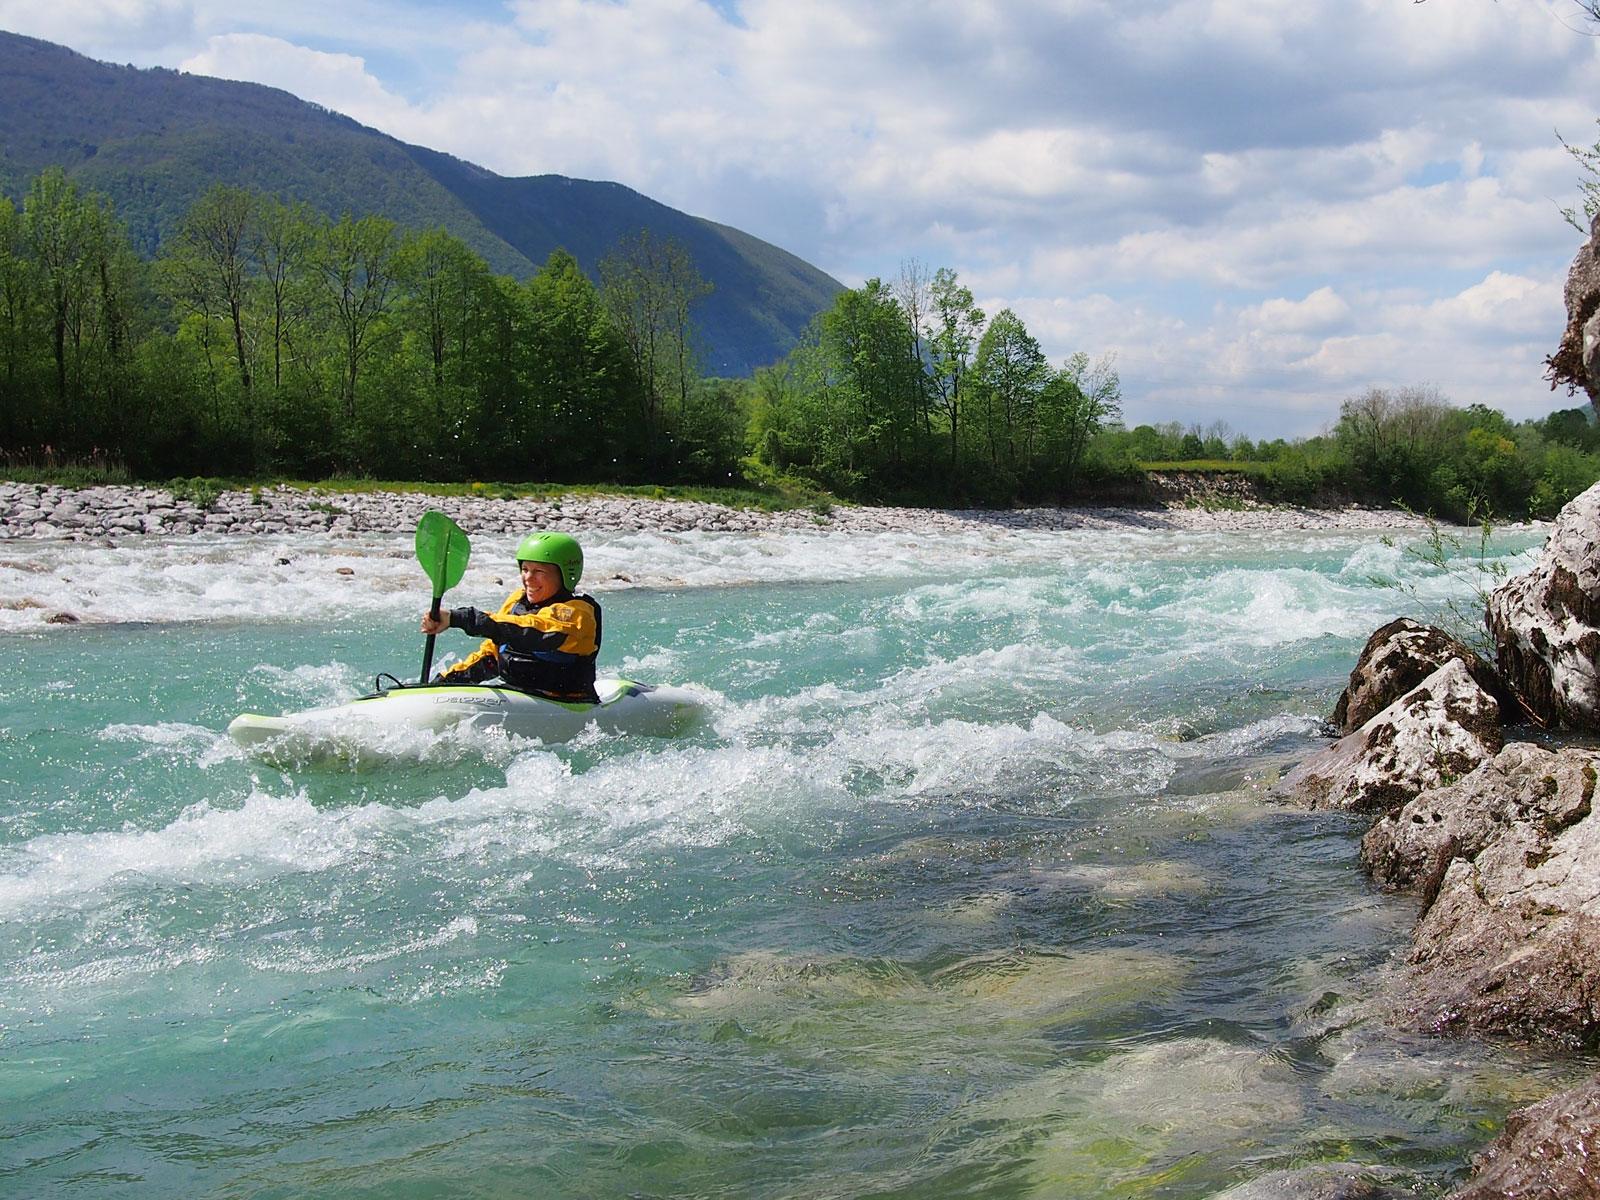 Een kajakker kajakt op het wilde water tijdens een actieve vakantie van Europagaai..